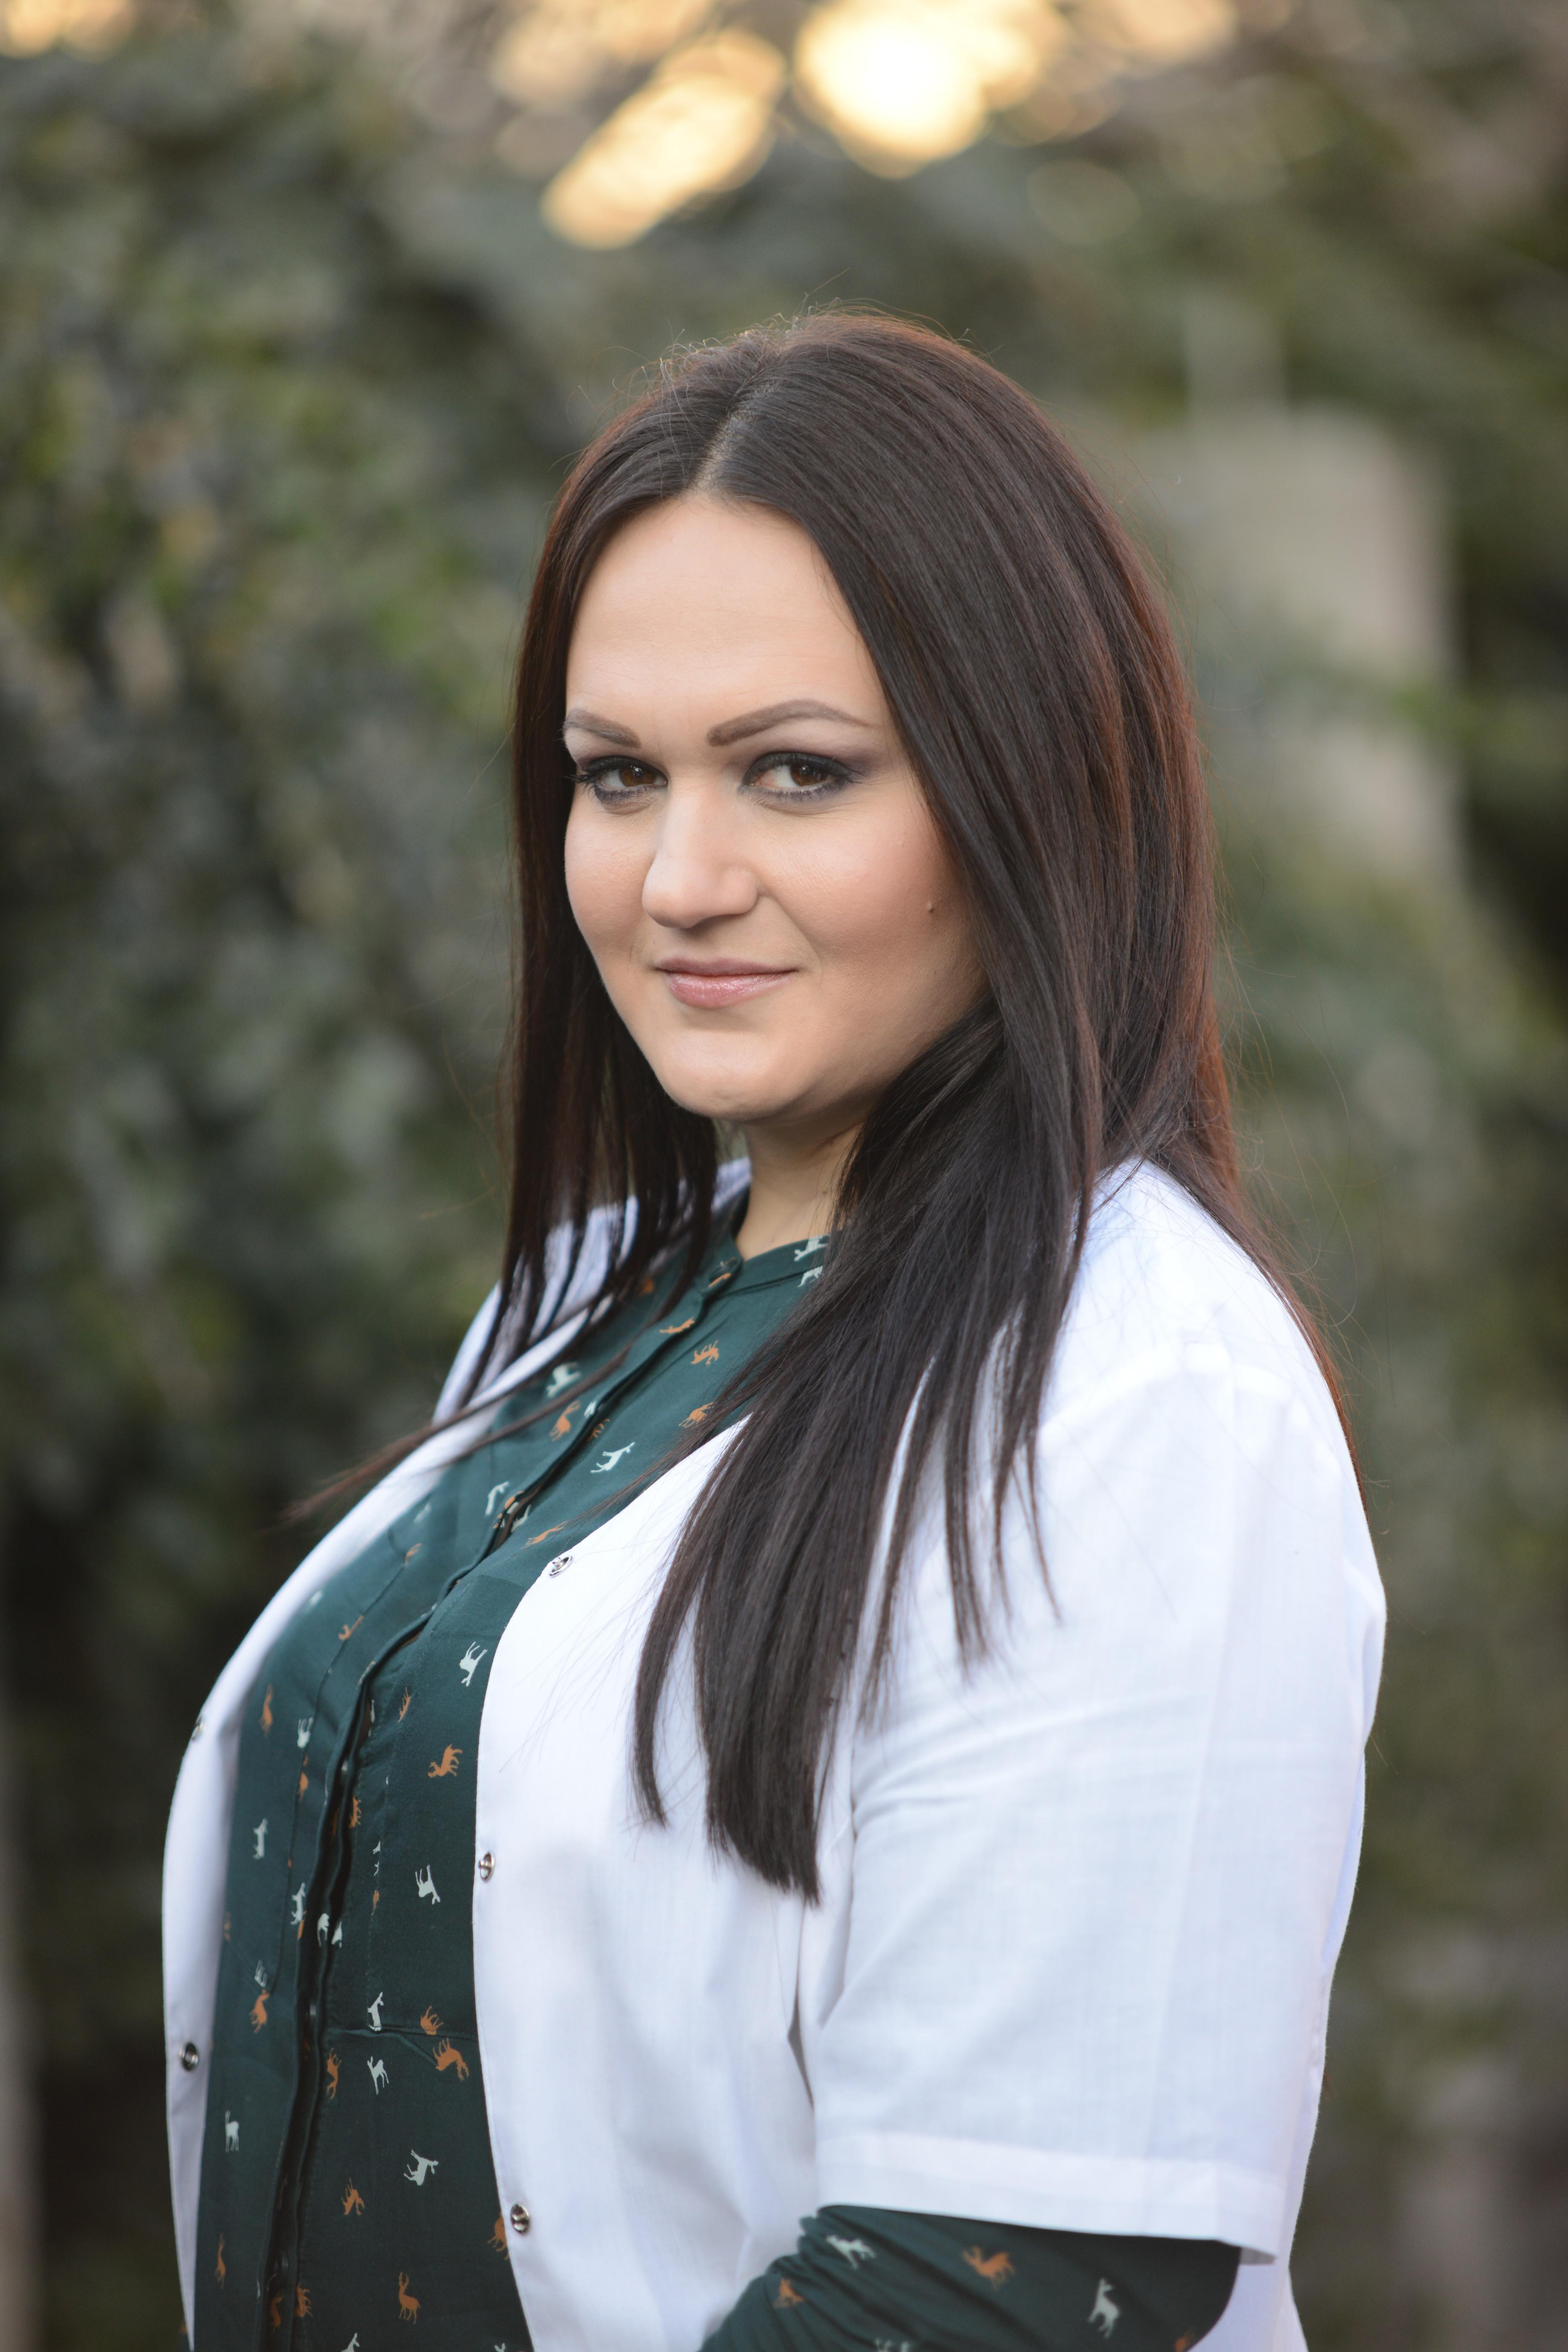 PREDSTAVLJAMO VAM: Ivana Kovačević – profesor na Akademiji Purity